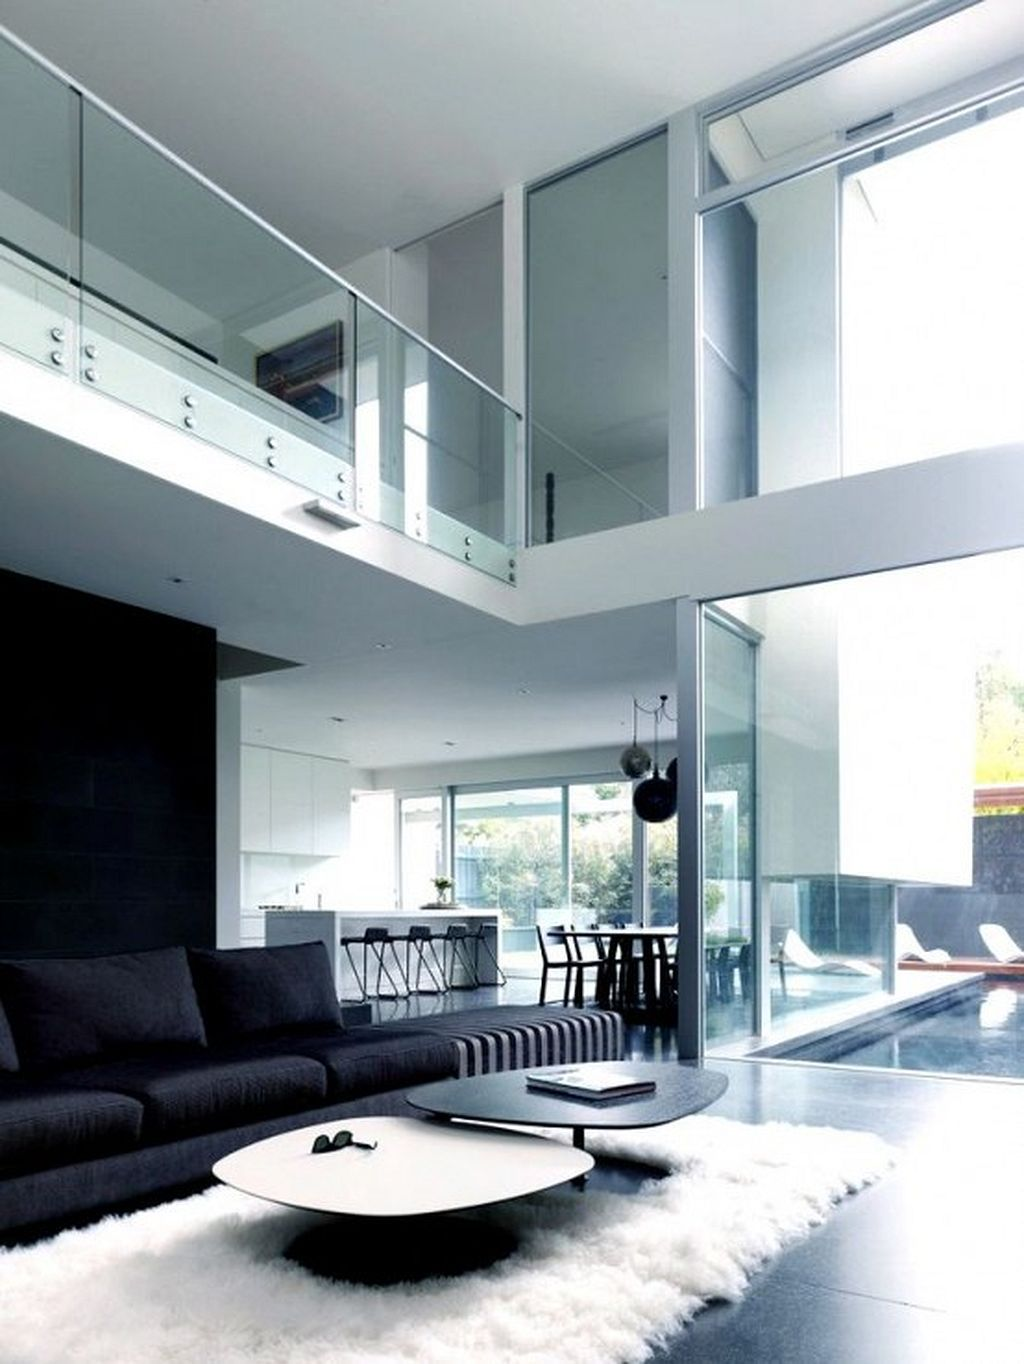 Innenarchitektur wohnzimmer grundrisse pin von anna werdin auf modern houses  pinterest  innenarchitektur